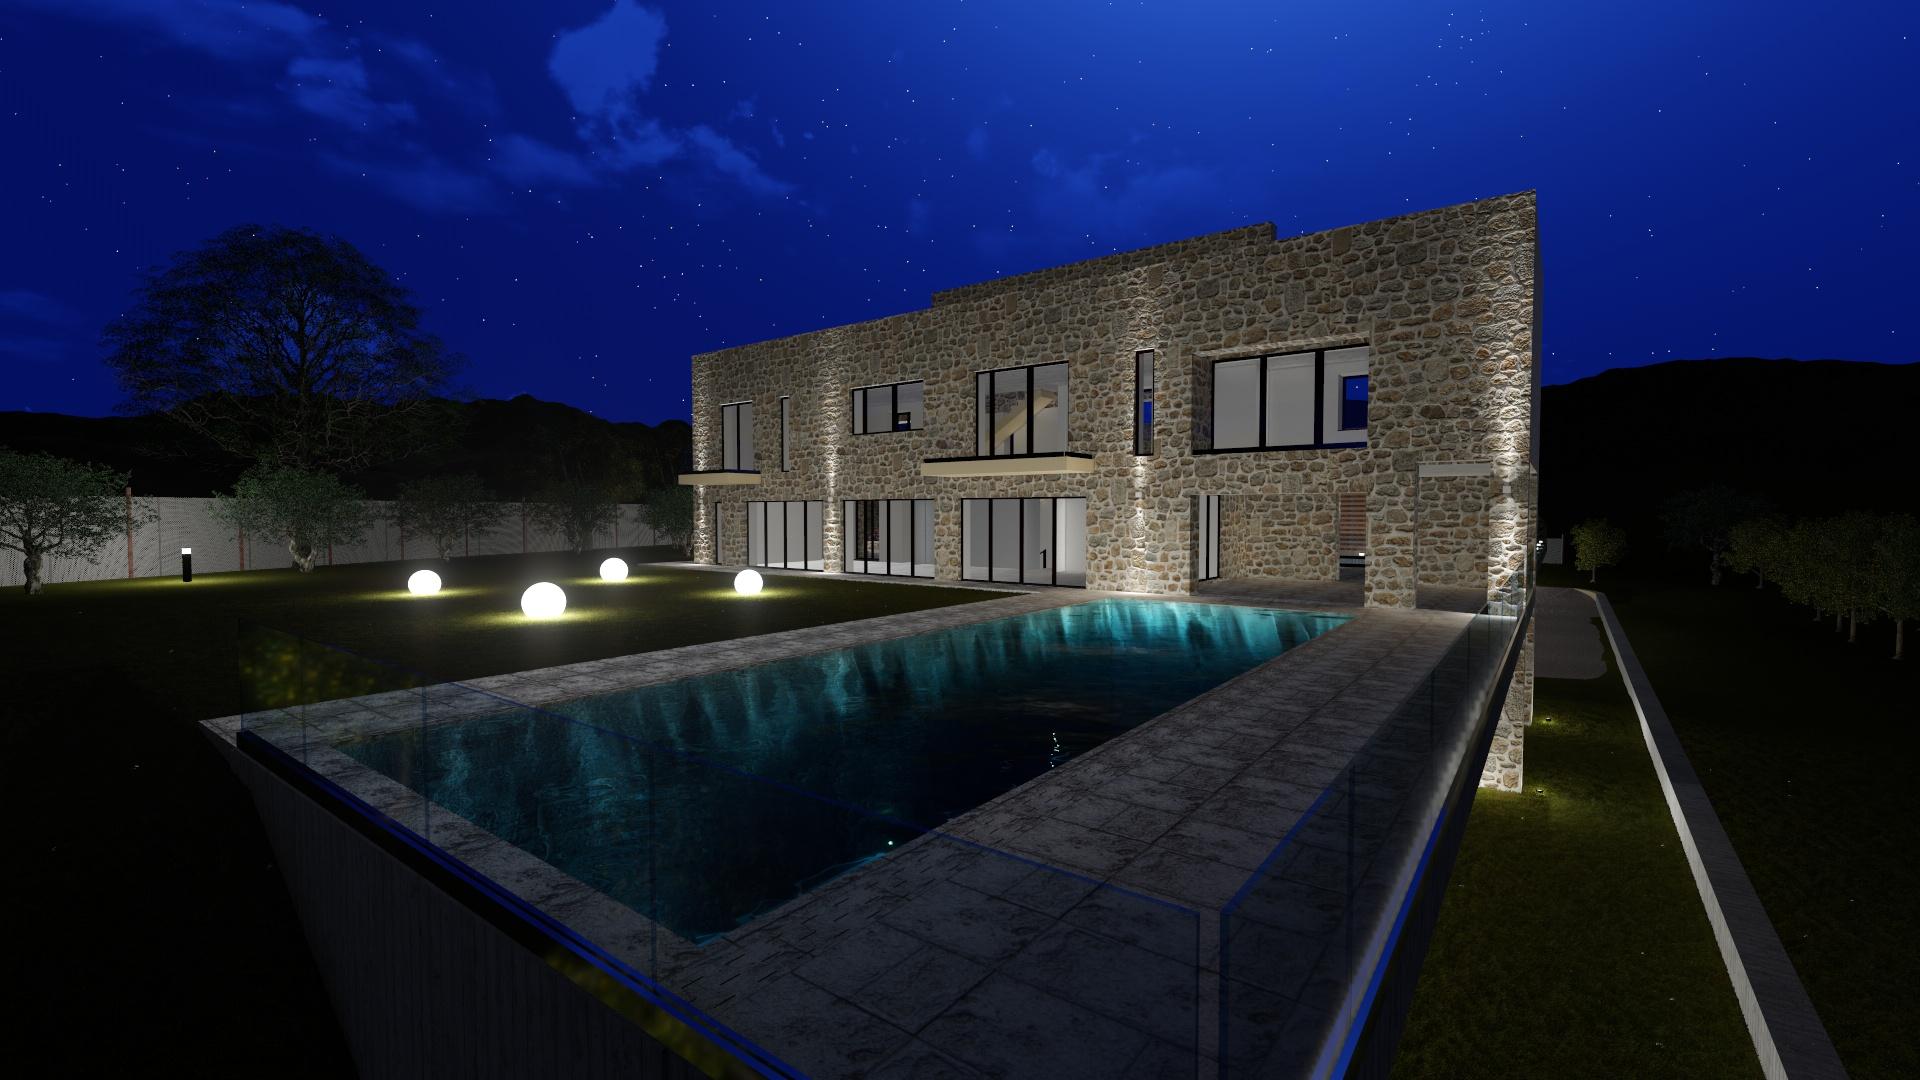 TemaLiving Arredamento e illuminazione Progetto Illuminotecnico 3D Toscana